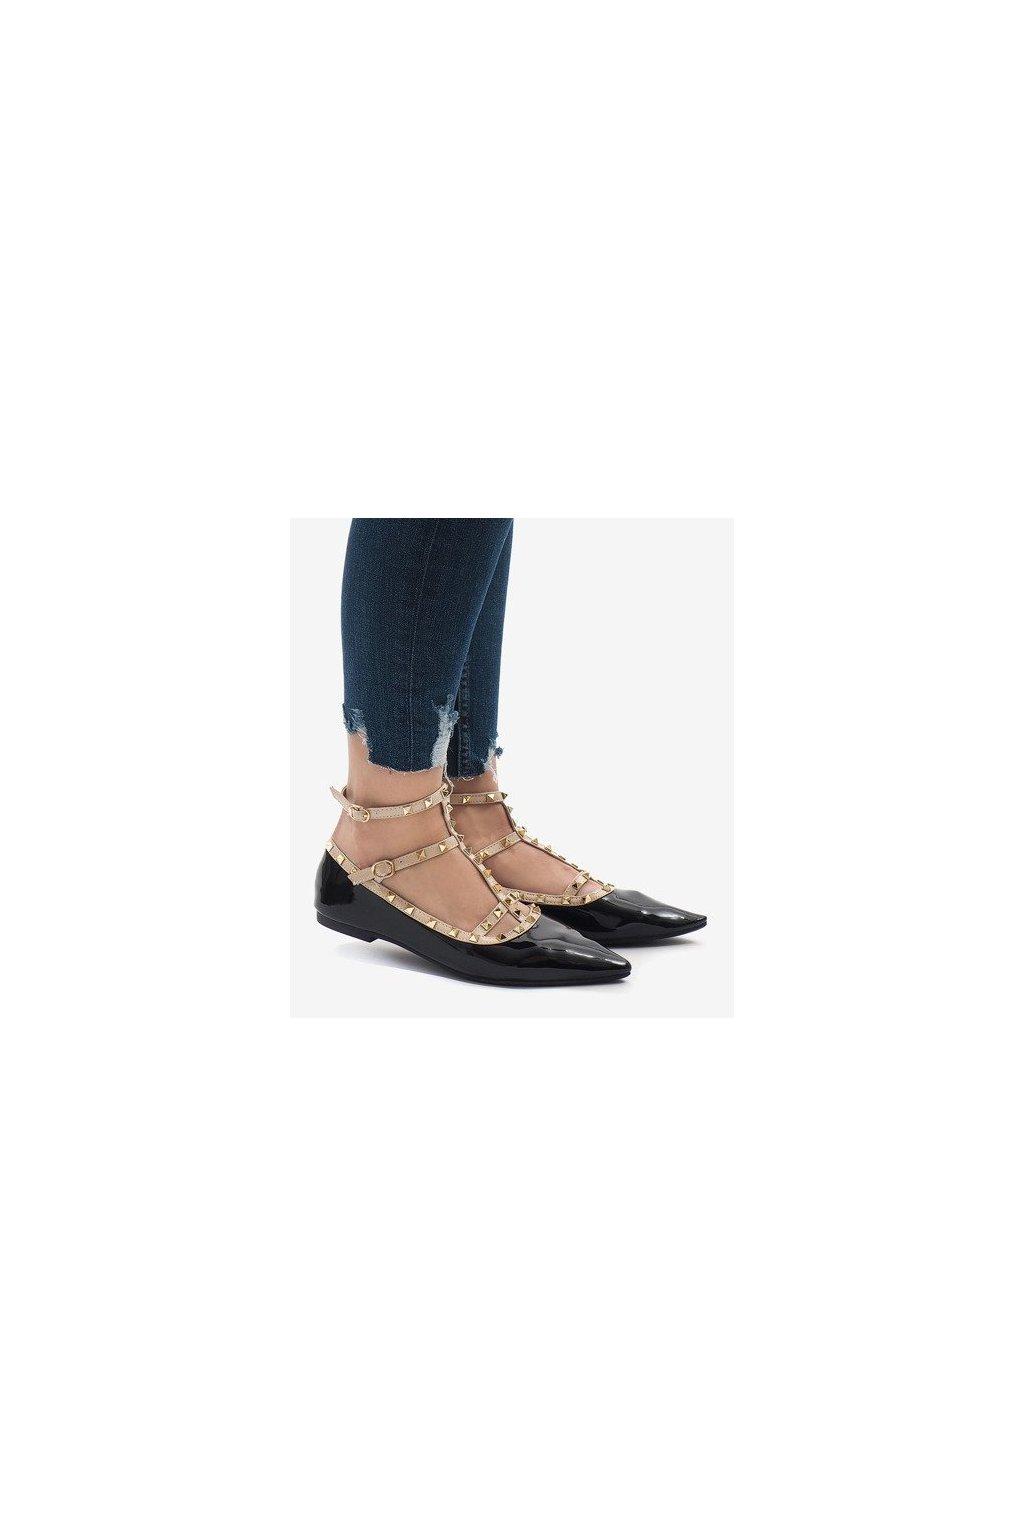 Dámske topánky baleríny čierne NJSK kód 127-12 Black